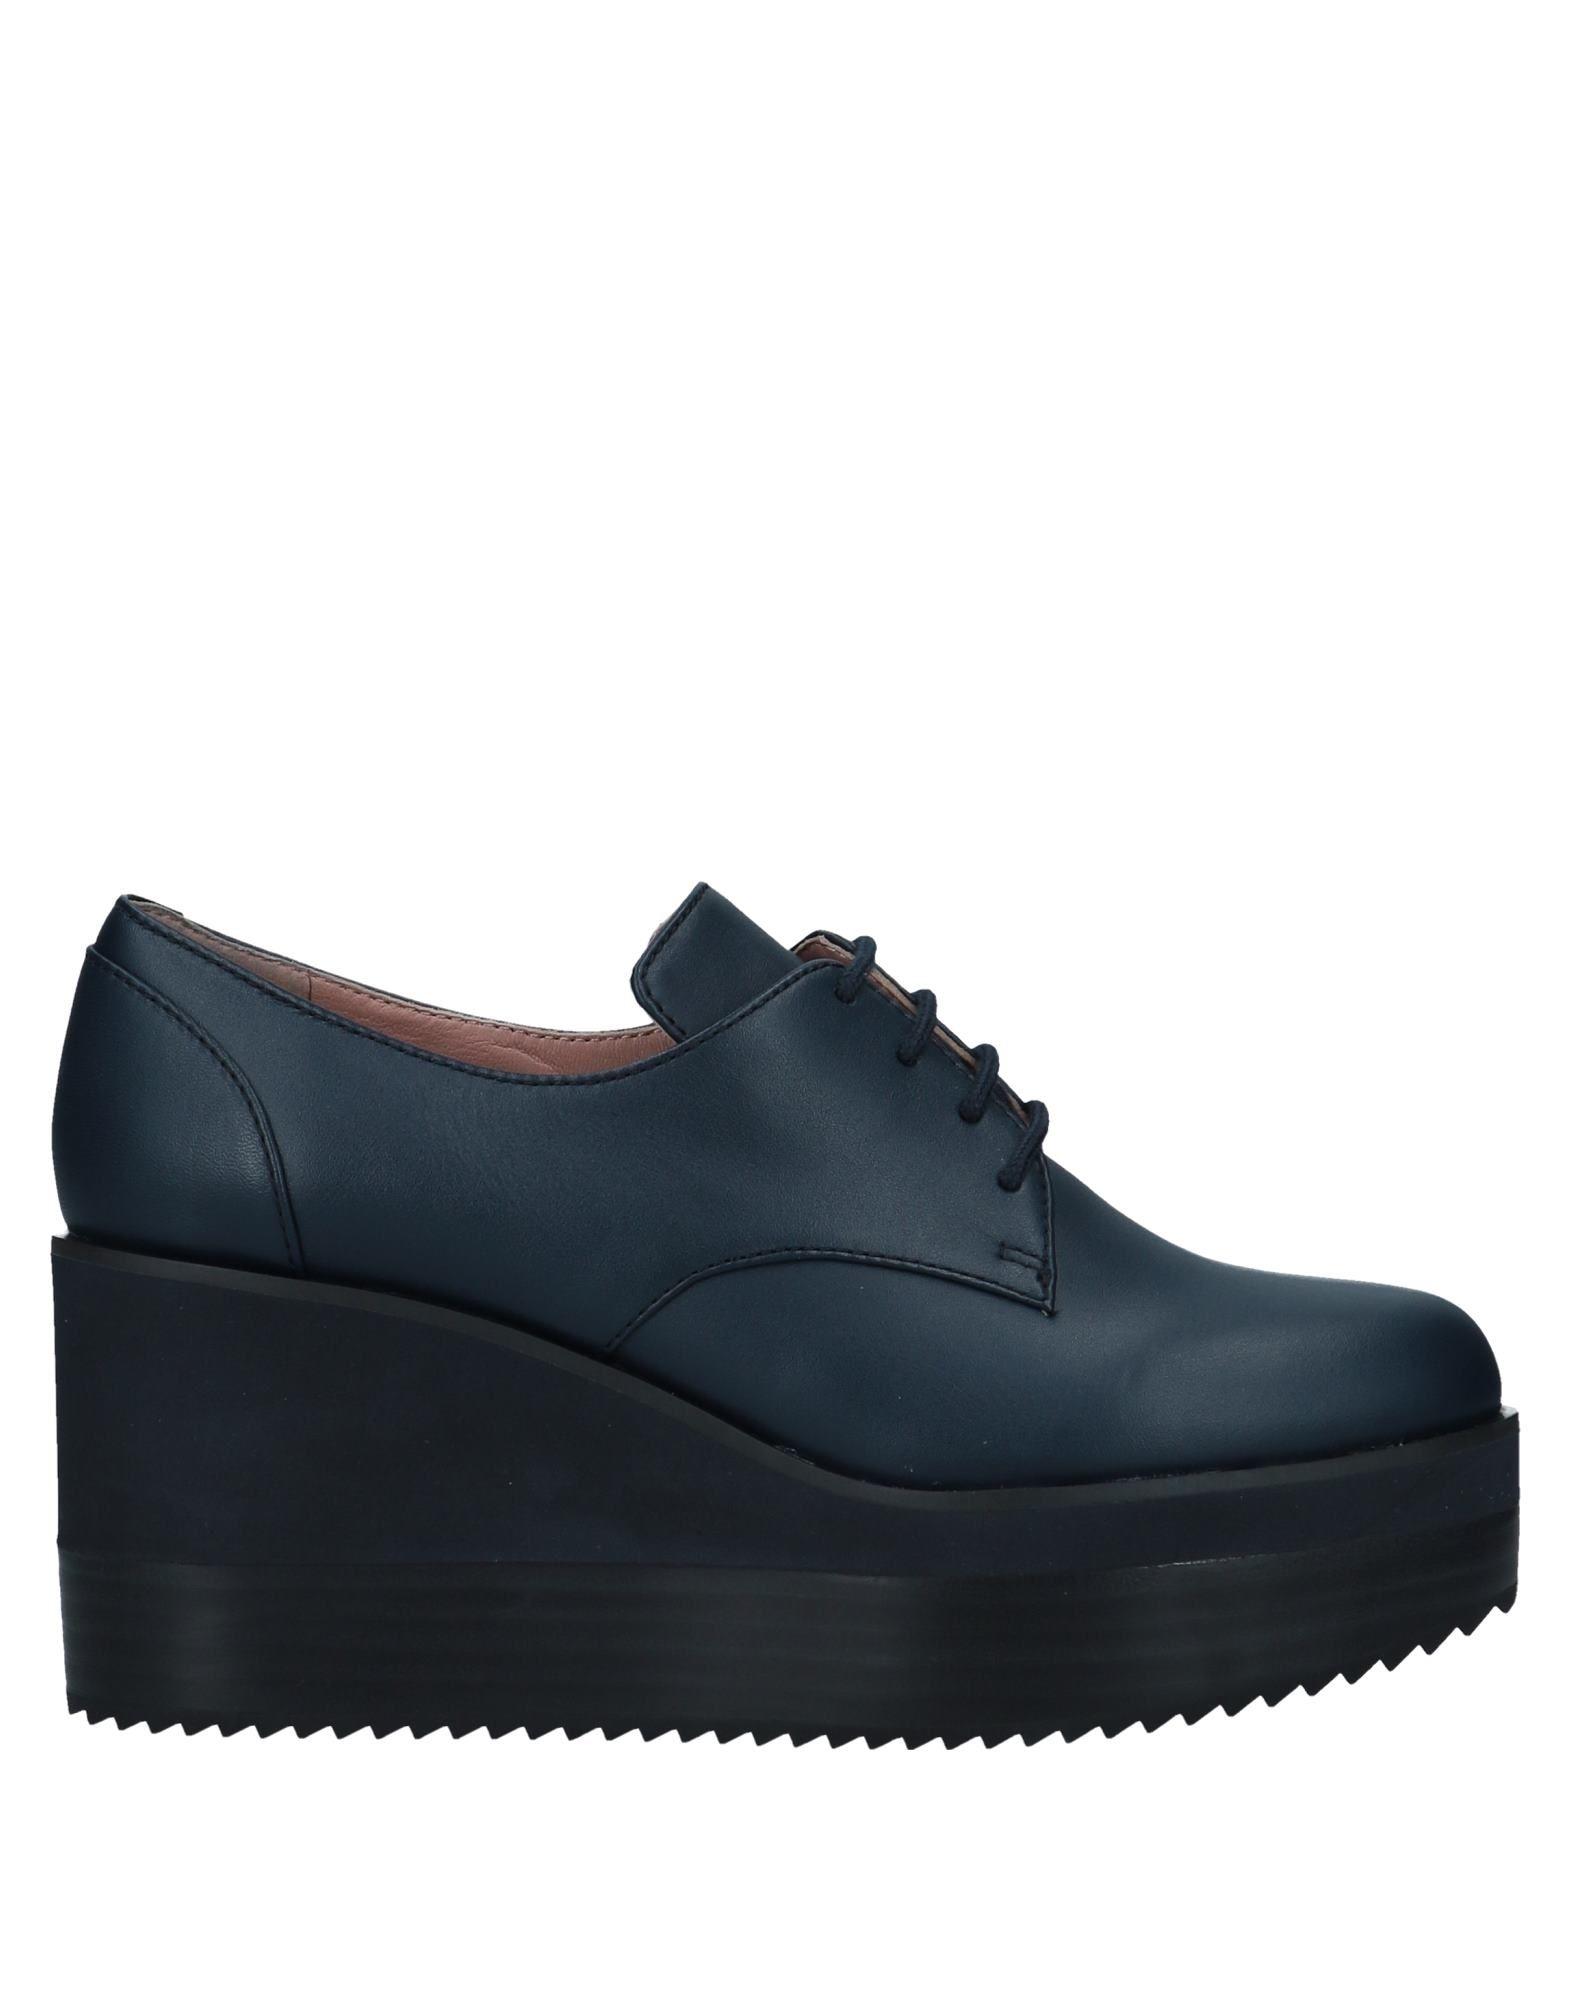 Zapato De Cordones Jil Sander Sander Jil Navy Mujer - Zapatos De Cordones Jil Sander Navy 0e9256